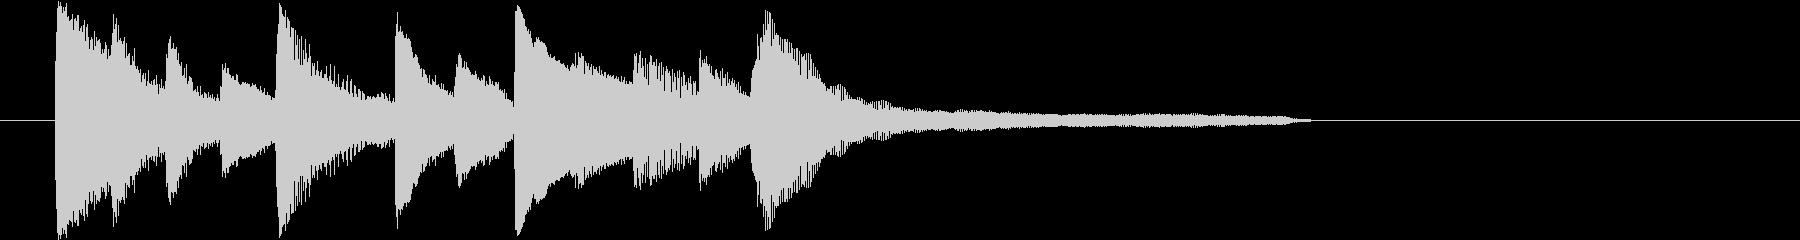 7~8秒のピアノの和風ジングルです。の未再生の波形